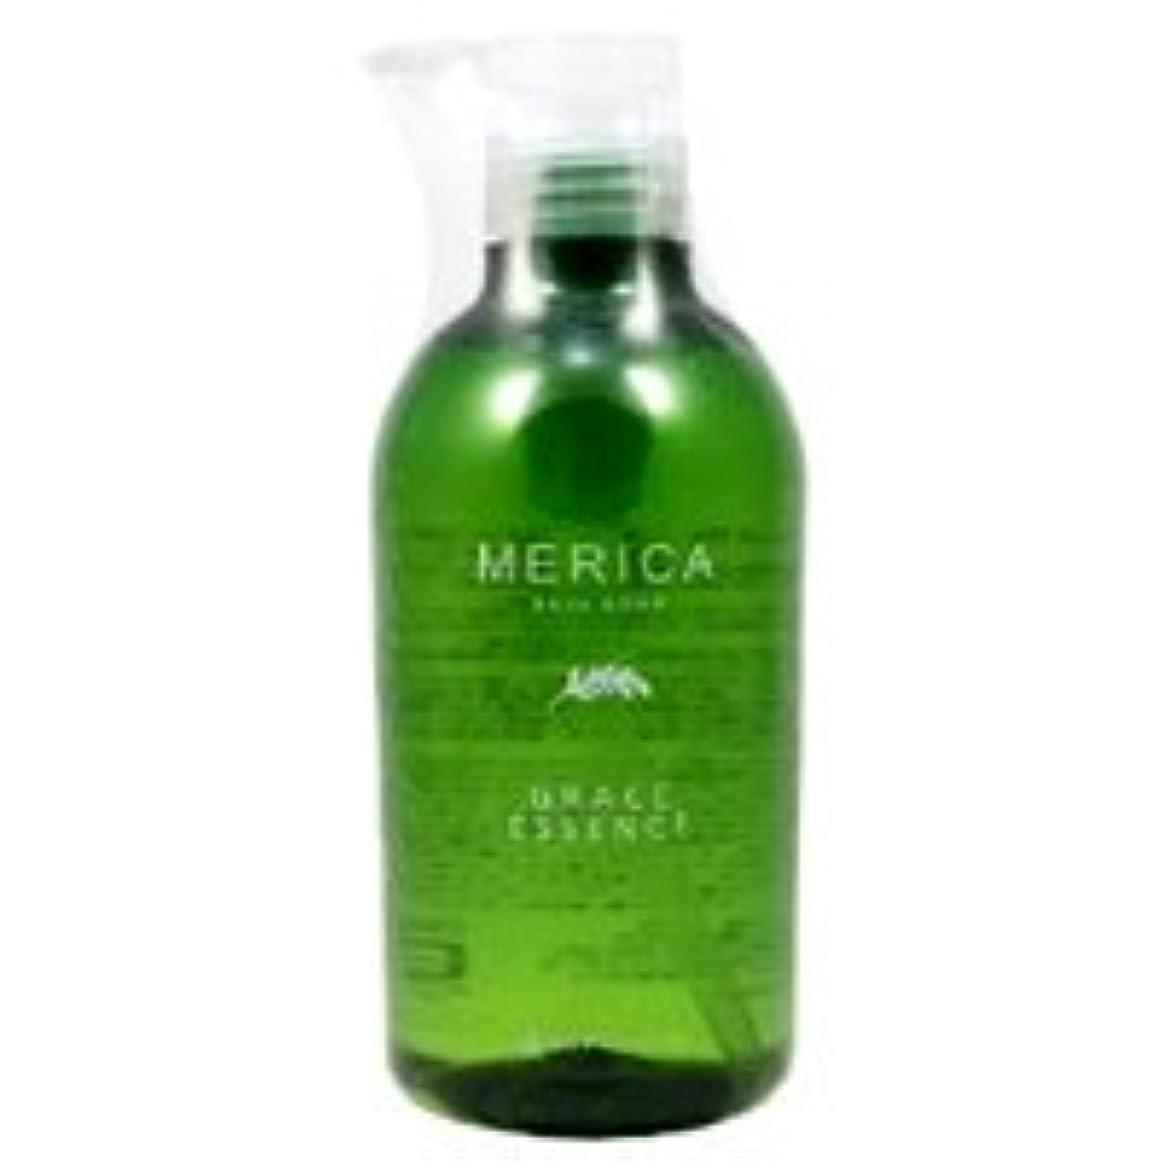 質素な香りコンチネンタルメリカ スキンソープ 500ml/敏感肌用 低刺激性ボディソープ